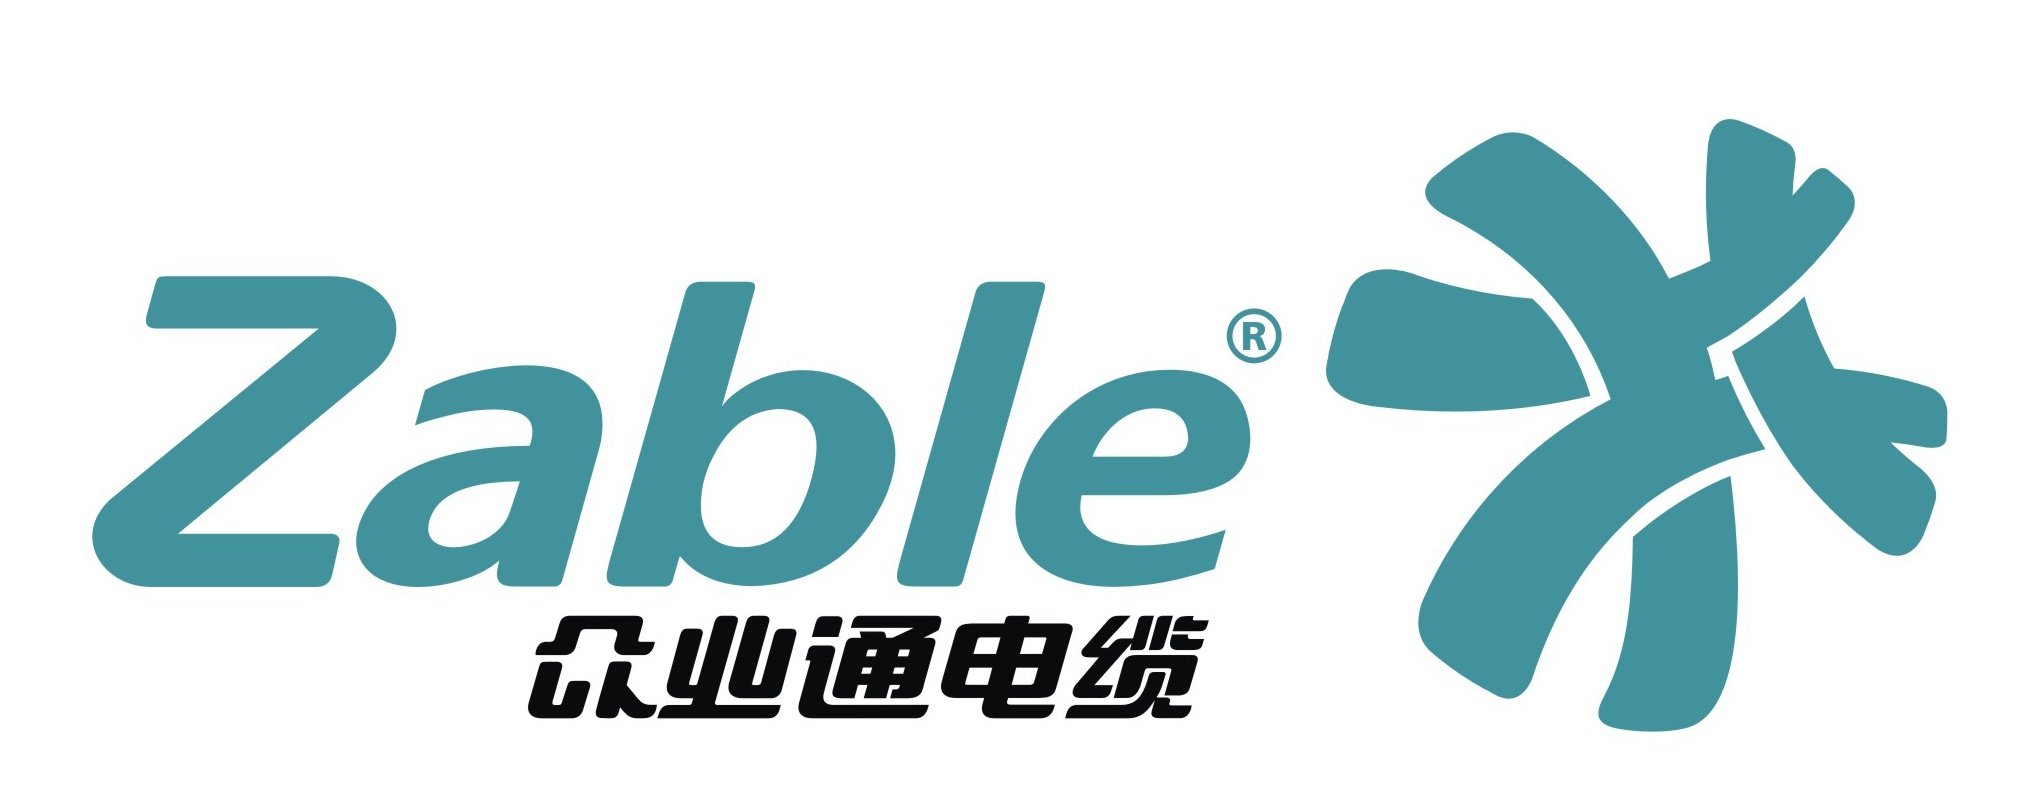 上海众业通电缆有限公司